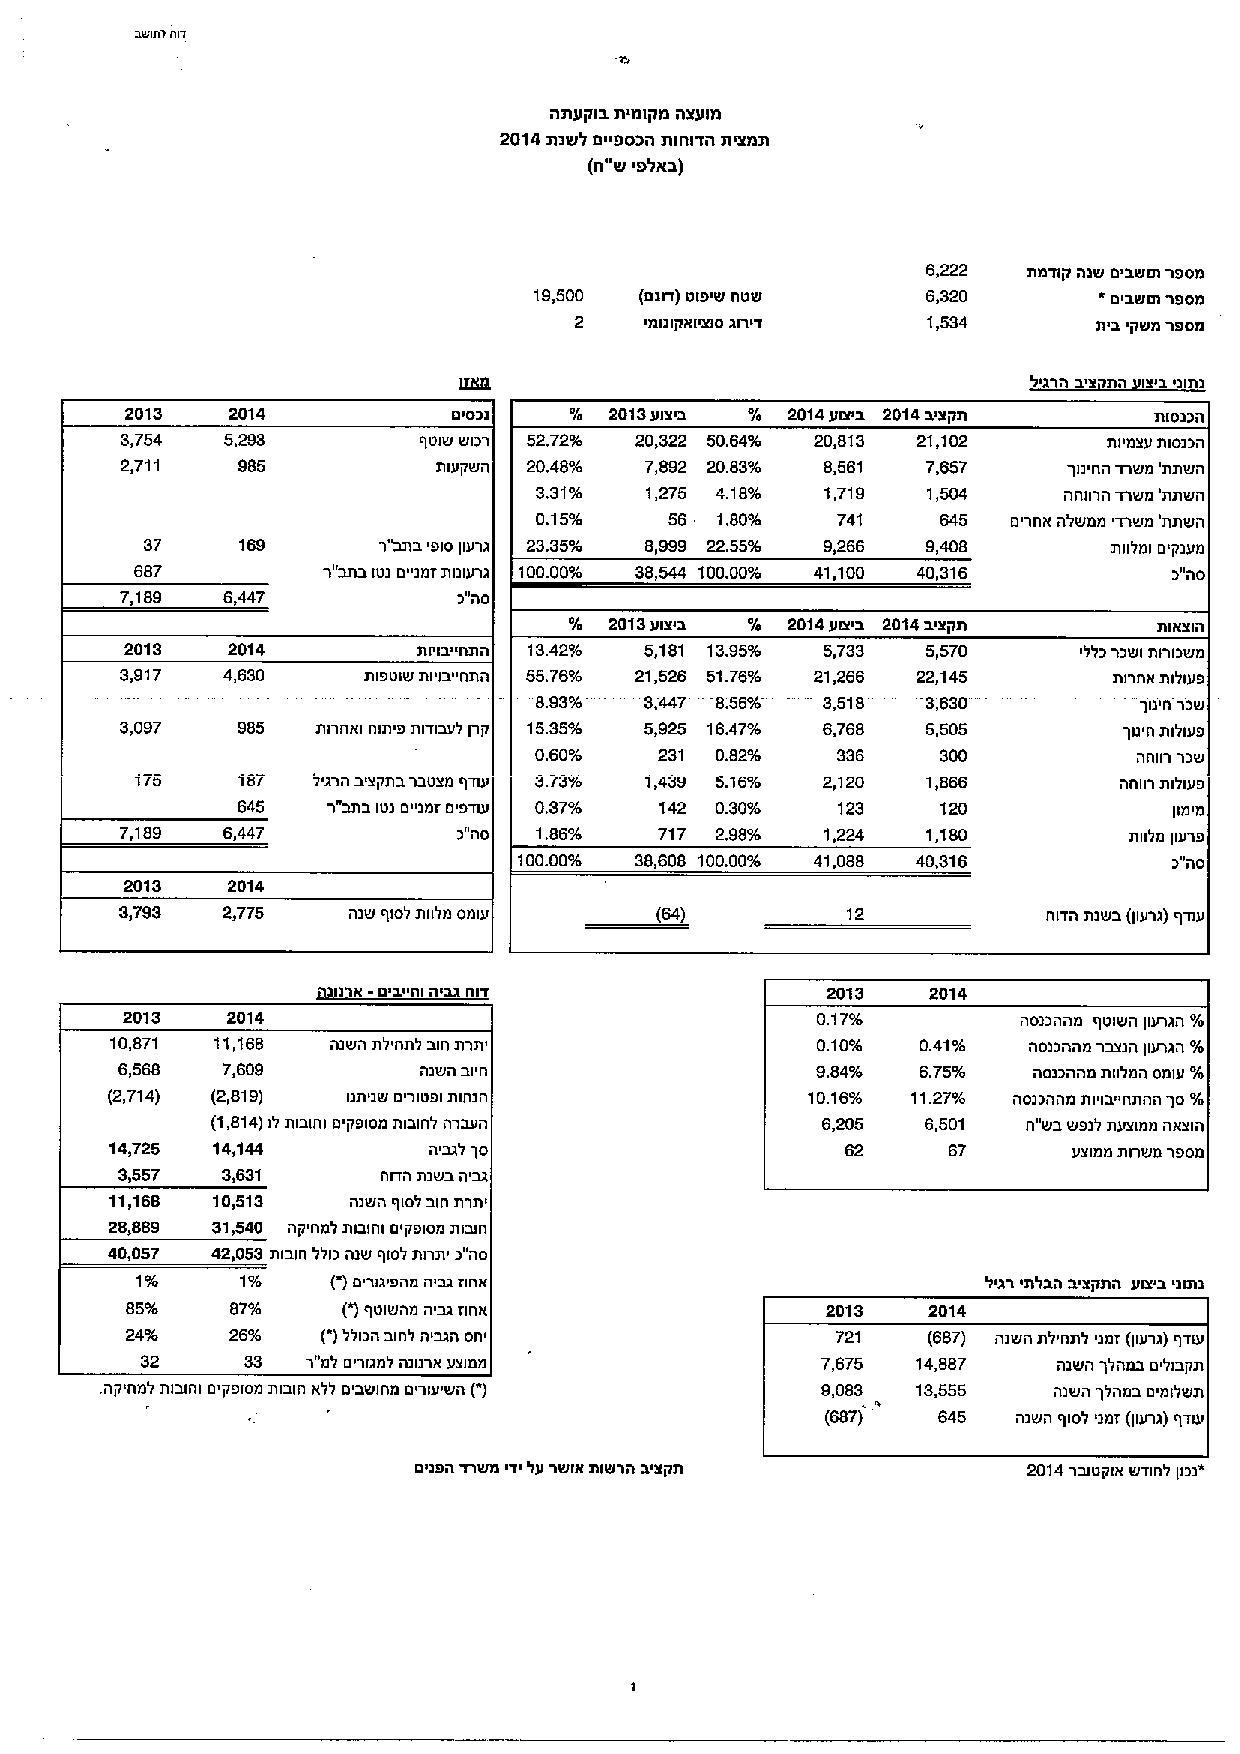 تقرير مالي 2014